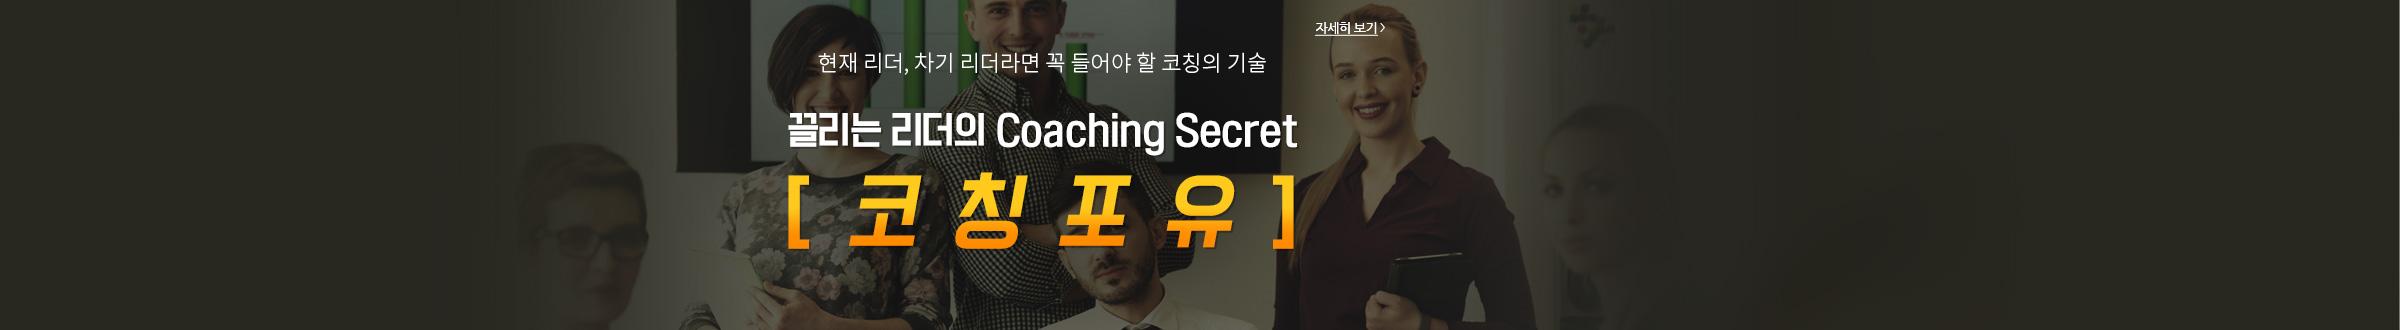 [코칭 포유] 끌리는 리더의 Coaching Secret